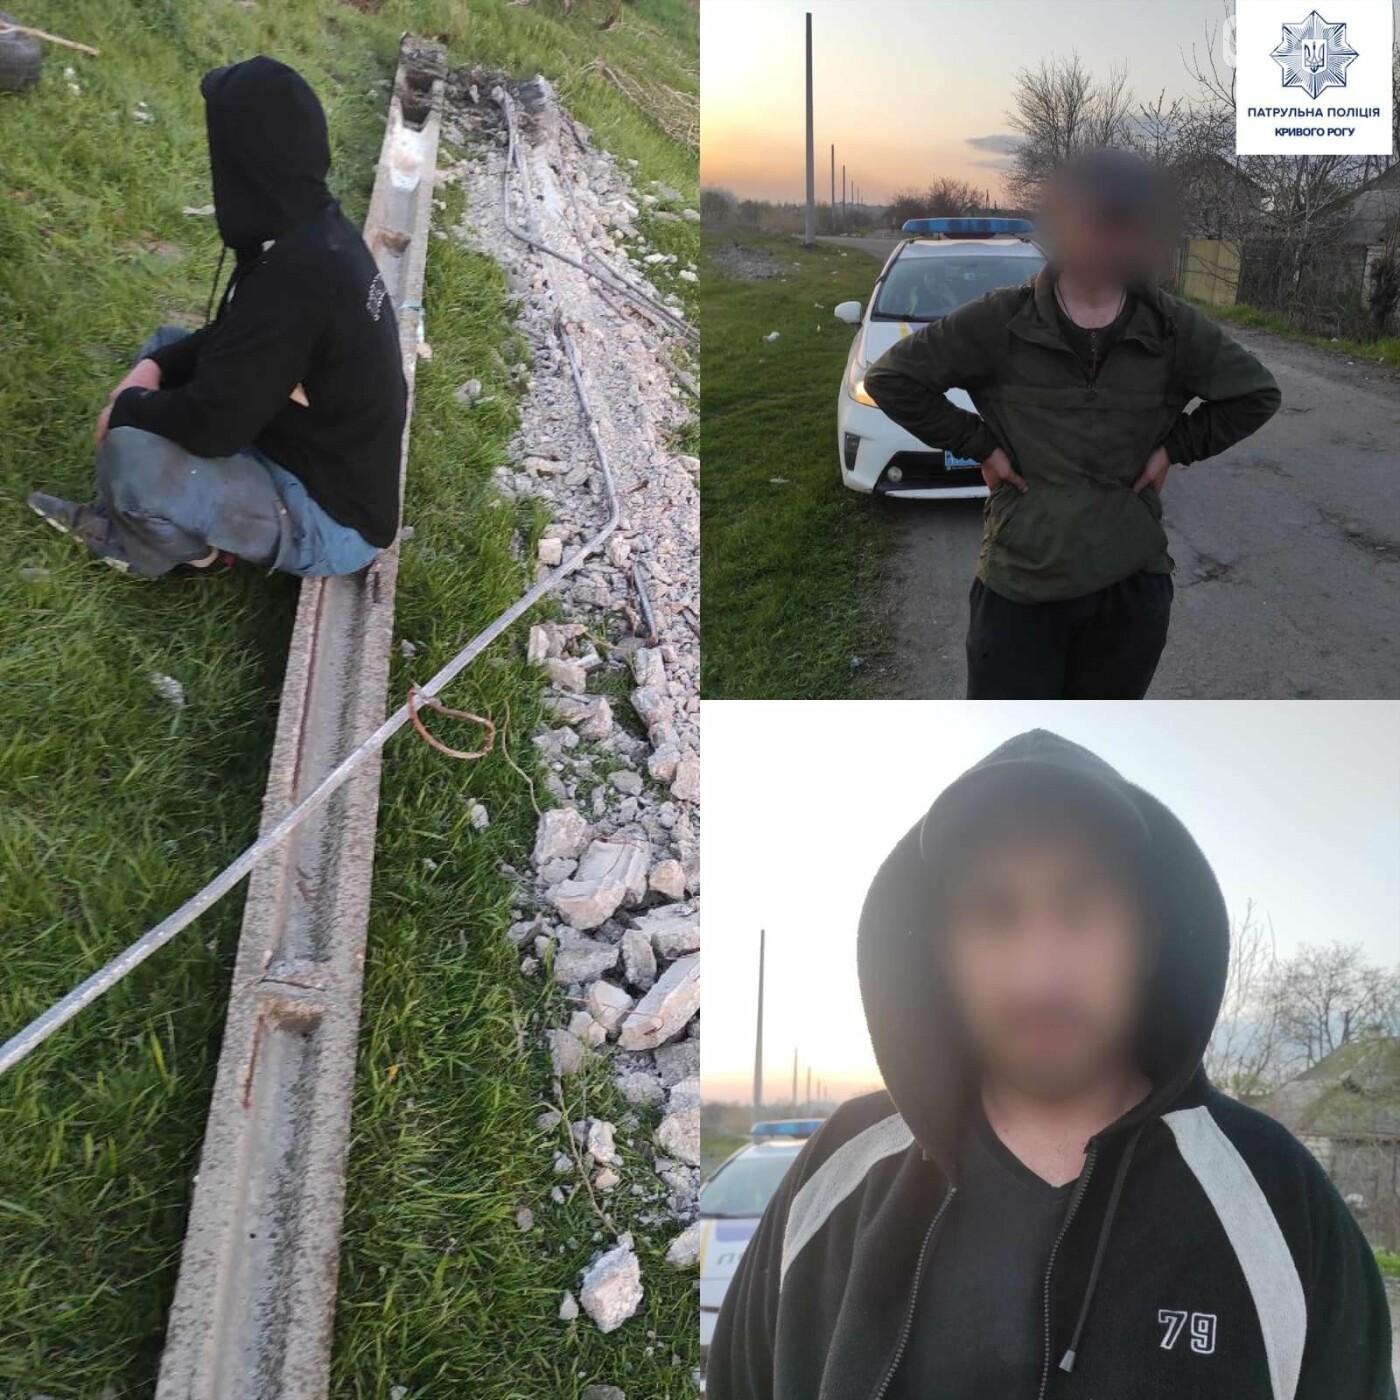 В Кривом Роге искатели металла разбивали бетонные столбы - ФОТО, фото-1